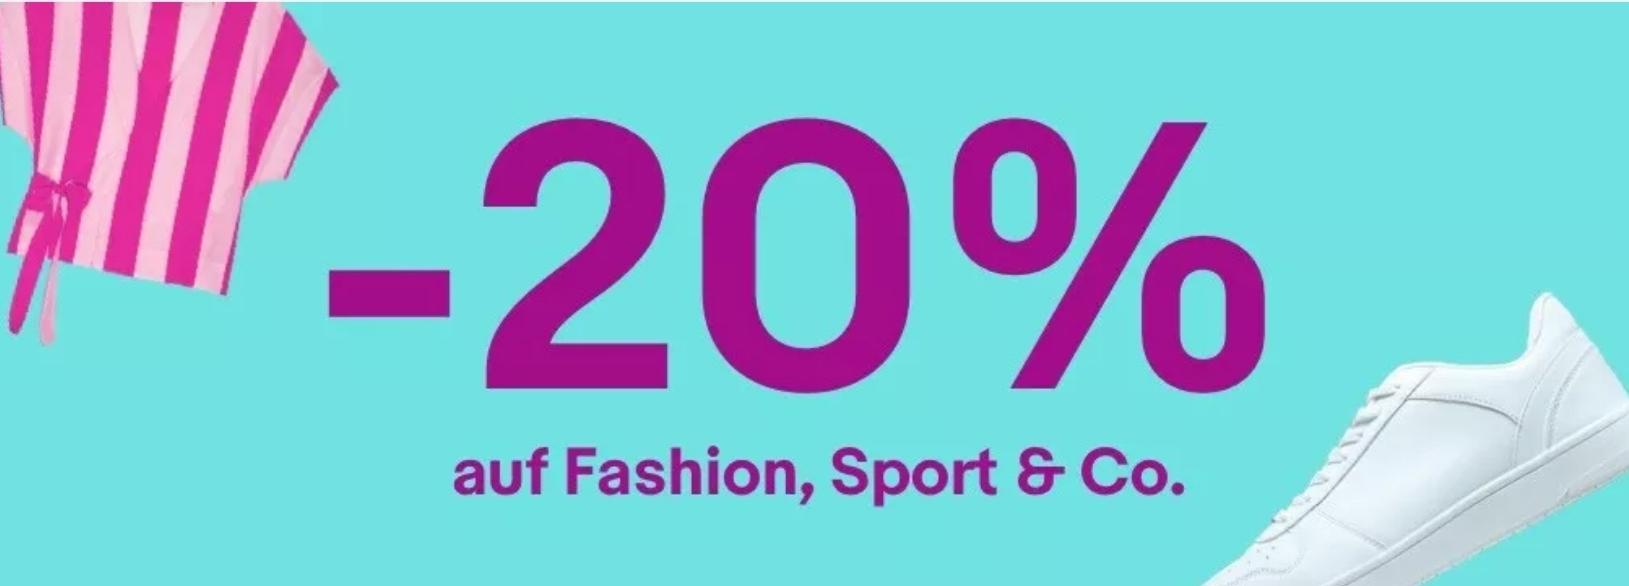 best sneakers reasonable price special section Gutscheine und rabatte sieh an – Seite 3